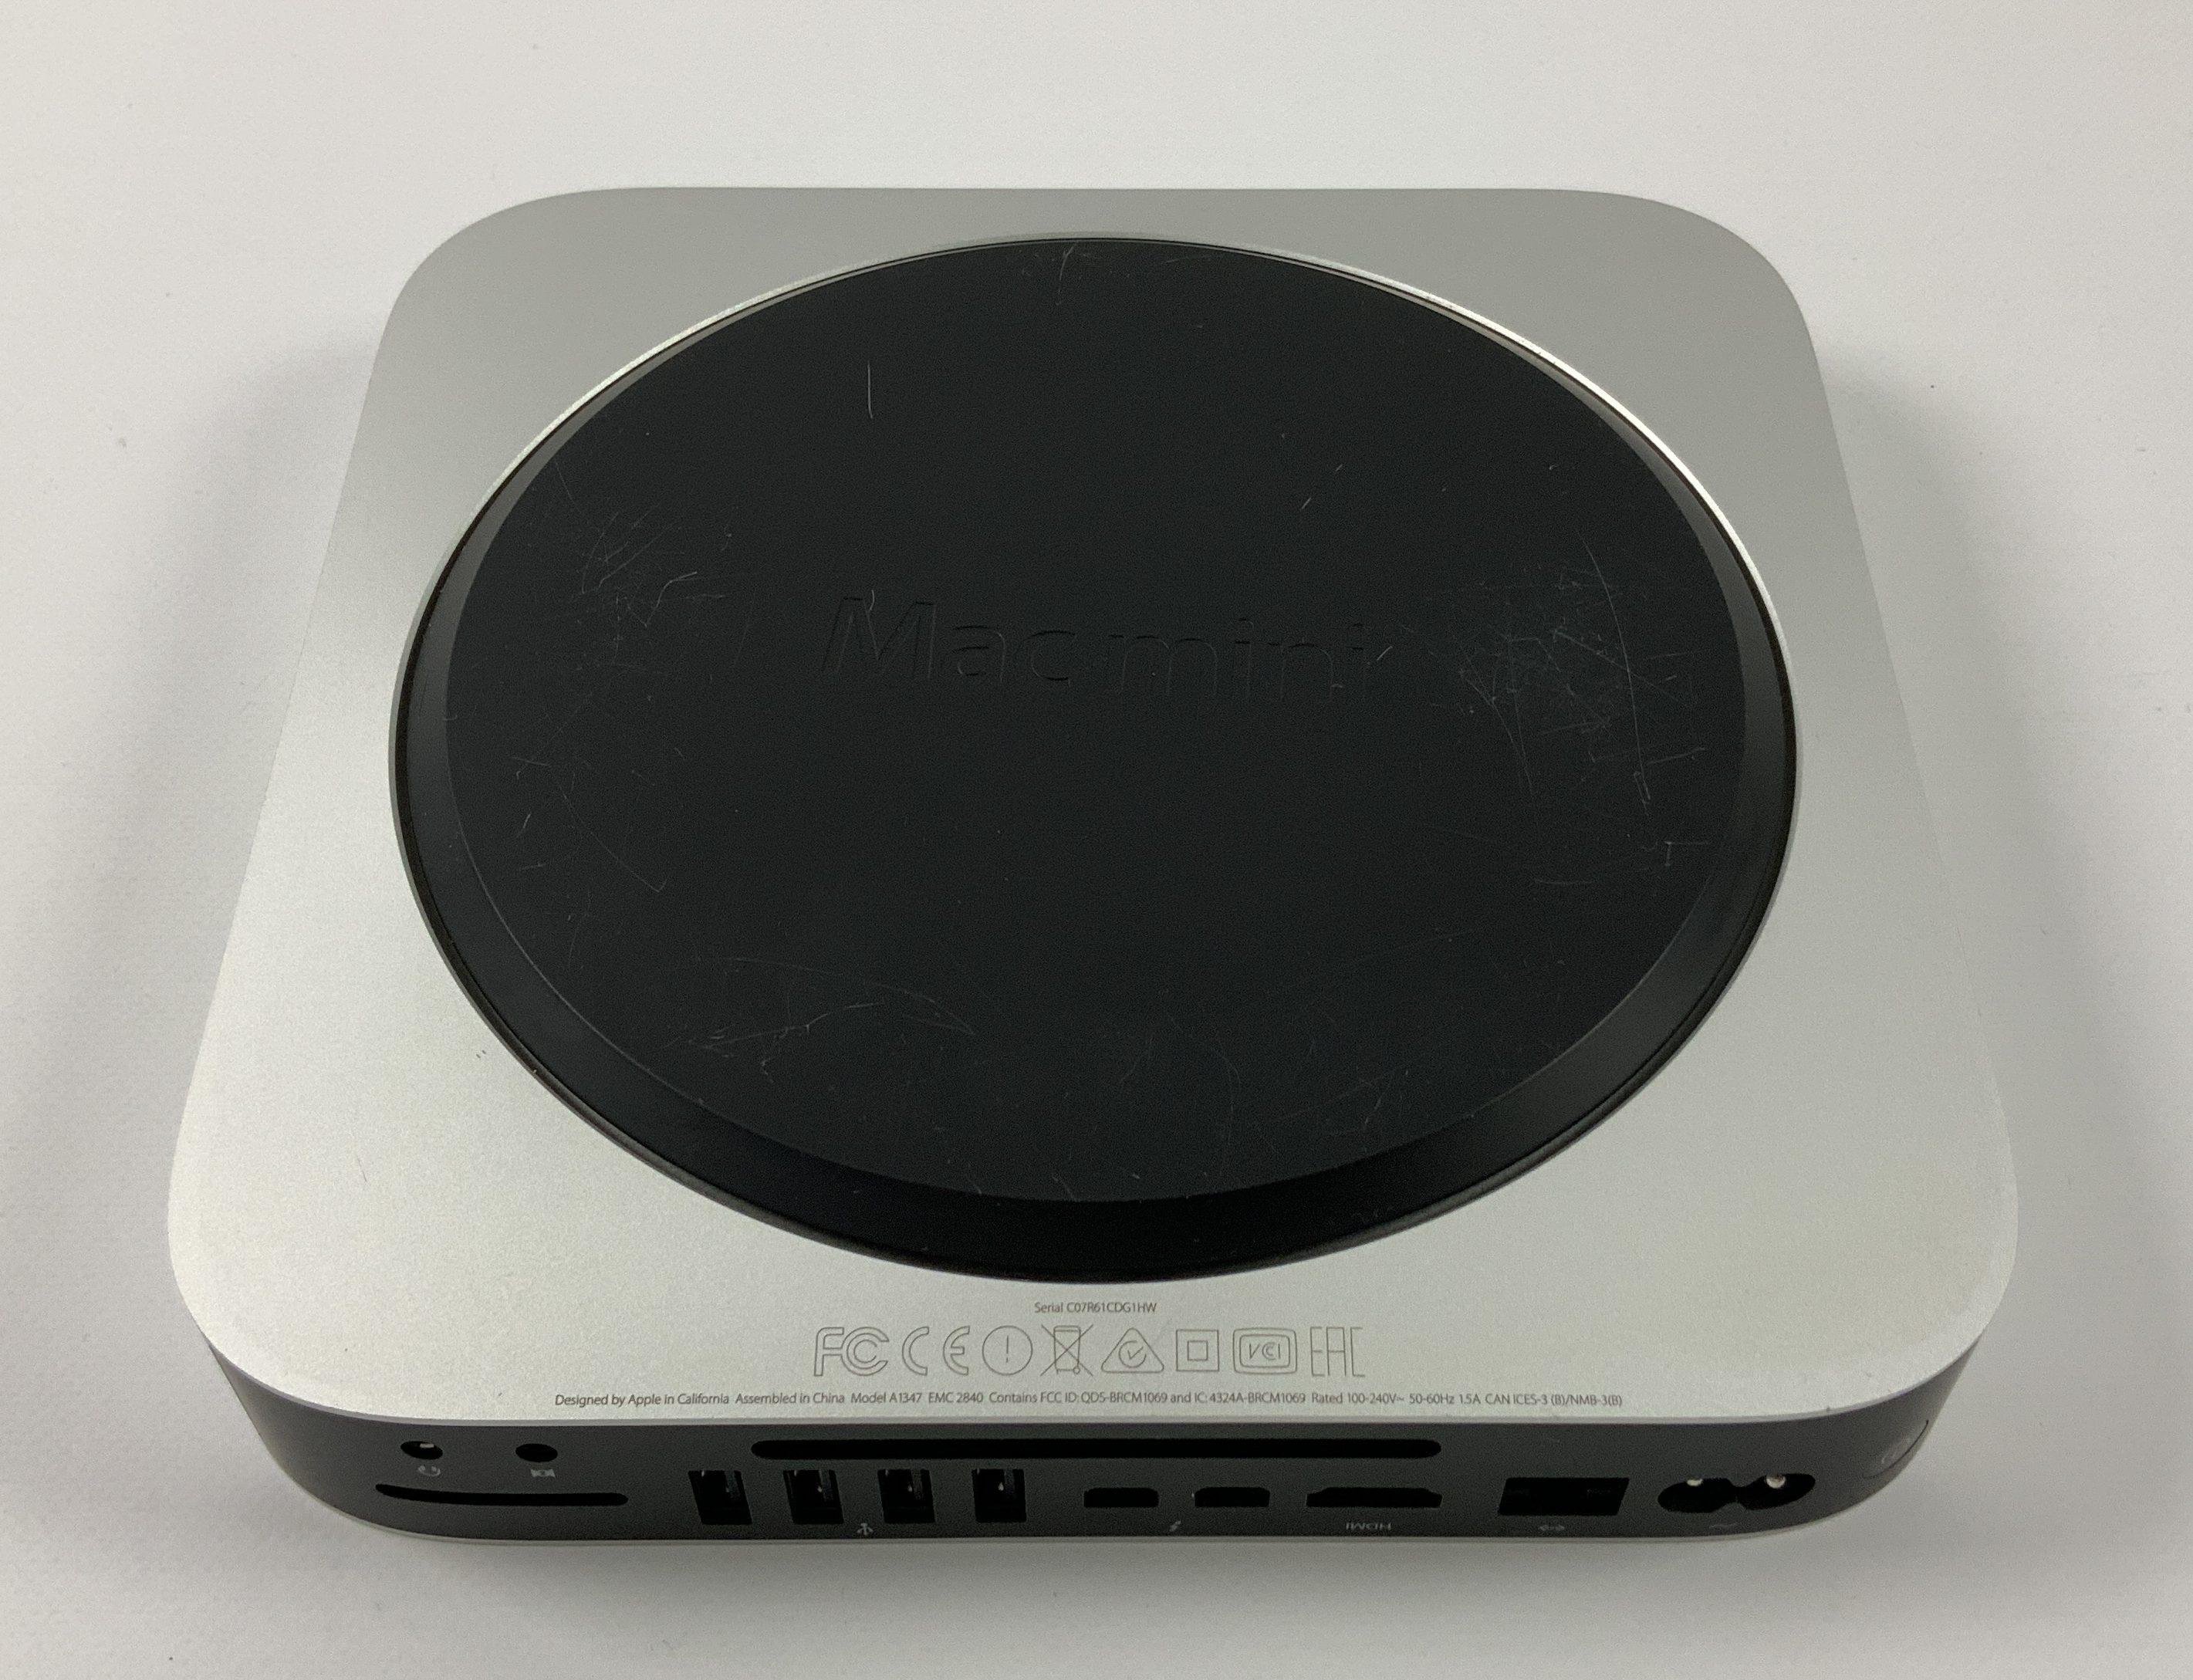 Mac Mini Late 2014 (Intel Core i5 2.6 GHz 8 GB RAM 1 TB HDD), Intel Core i5 2.6 GHz, 8 GB RAM, 1 TB HDD, obraz 2